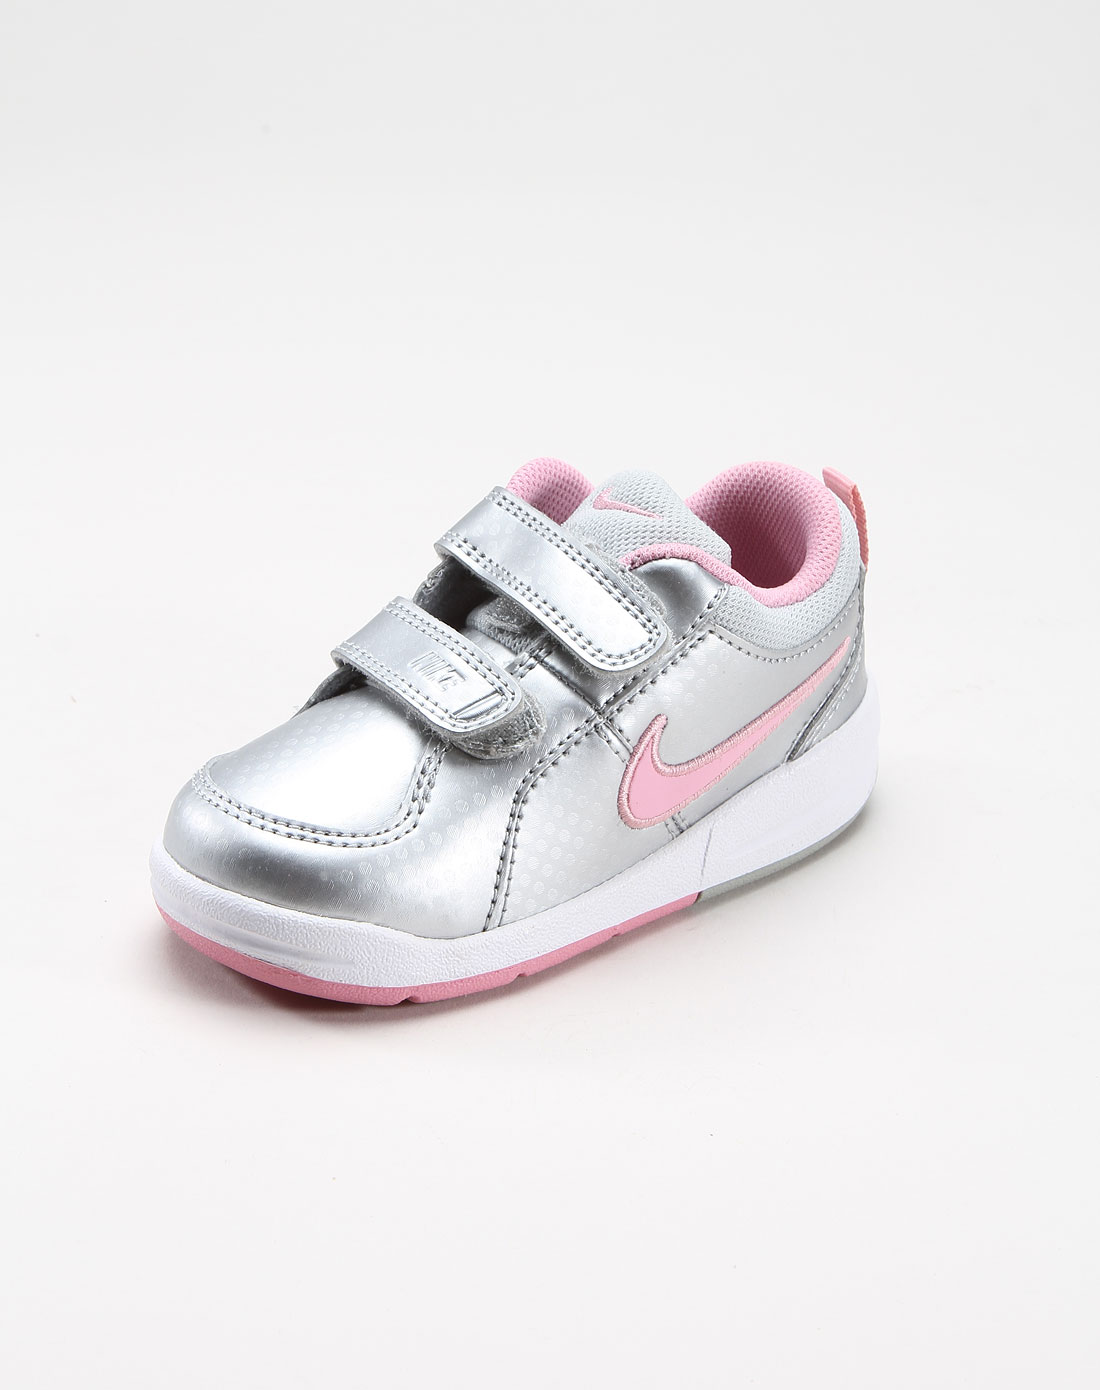 耐克nike-女鞋专场-(资料齐不上线)女童银色魔术贴运动鞋